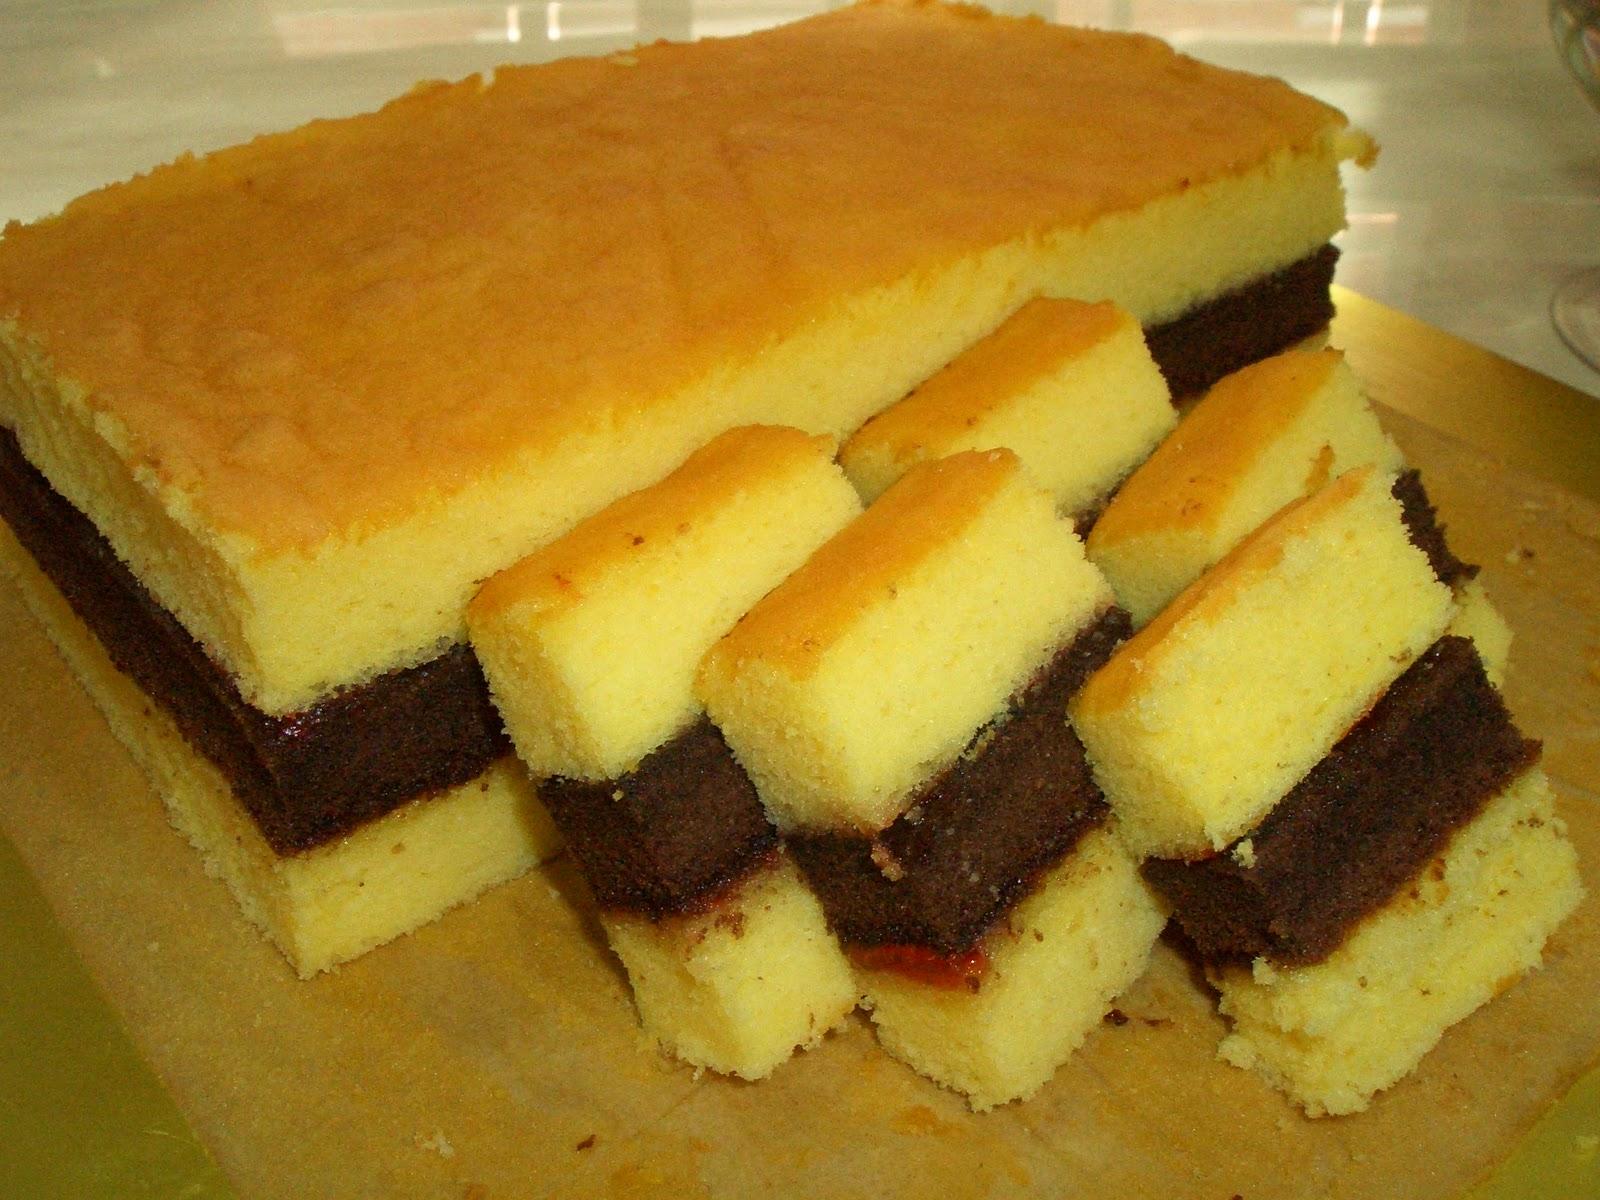 Resep Cake Tanpa Telur Jtt: Wu Lan's Kitchen: Lapis Surabaya Irit Telur (Economic Lapsur